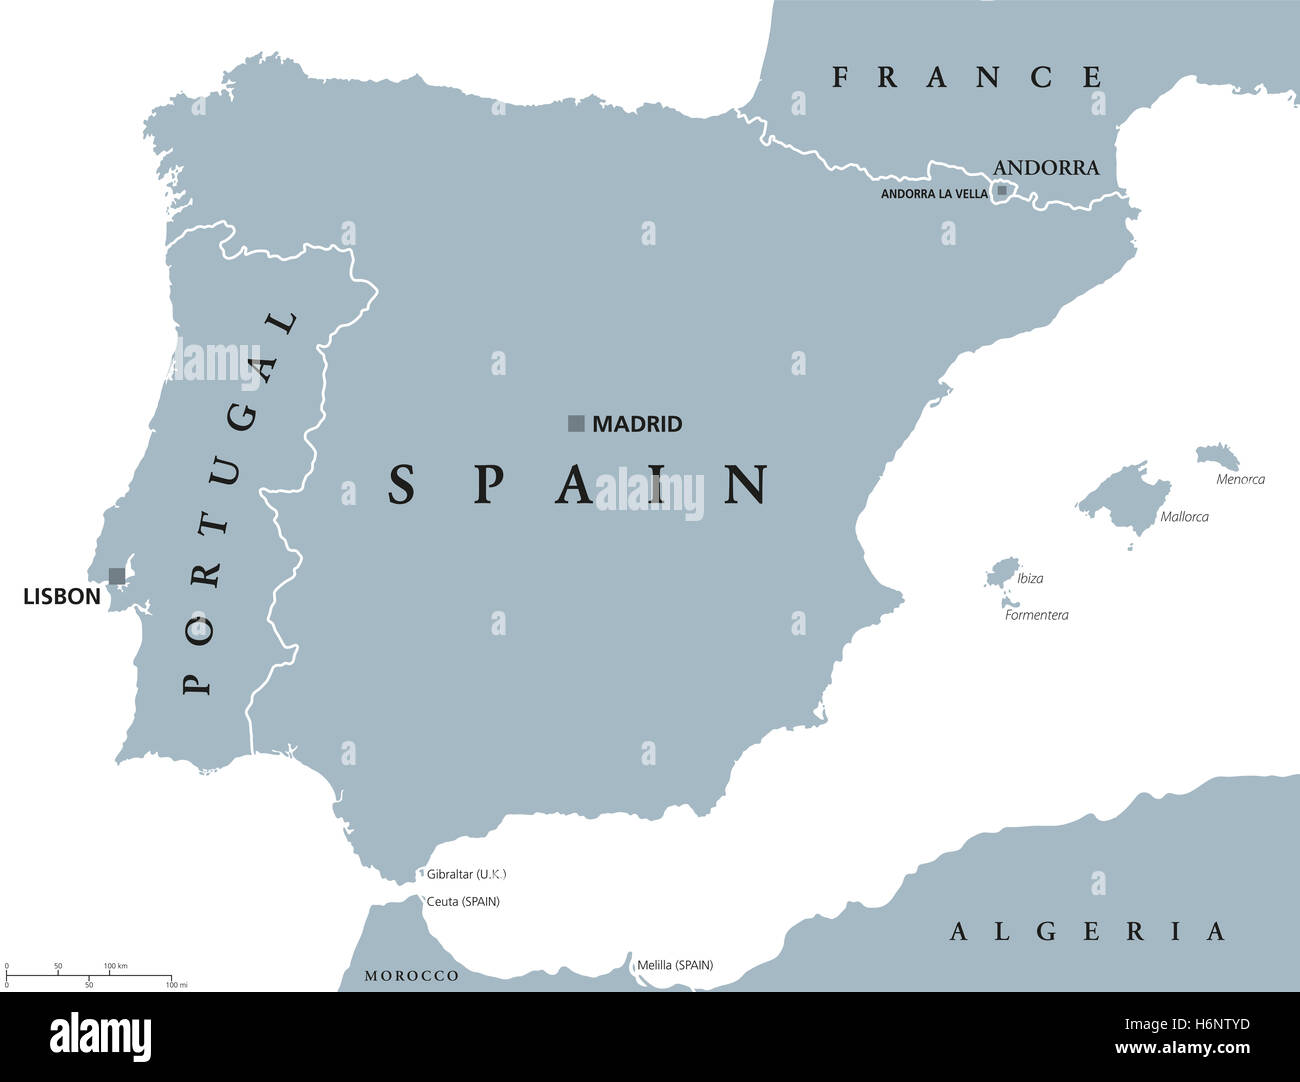 Cartina Geografica Spagna E Formentera.Il Portogallo E La Spagna Mappa Politico Con Capitelli Lisbona E Madrid Le Isole Baleari E Le Frontiere Nazionali Illustrazione Di Grigio Foto Stock Alamy